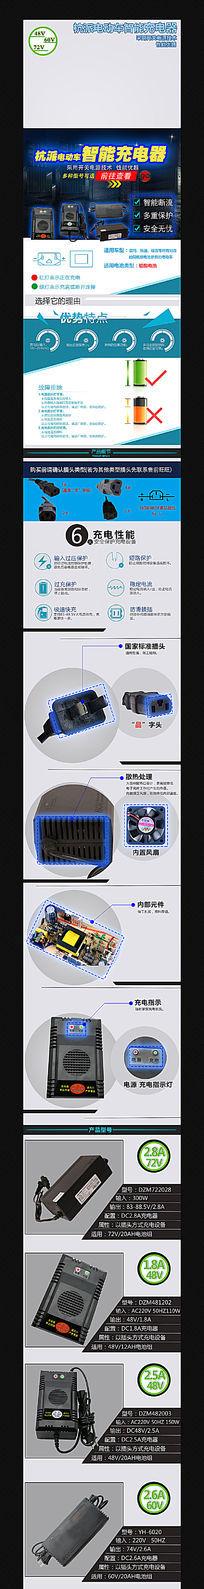 淘宝电池详情页细节描述 PSD